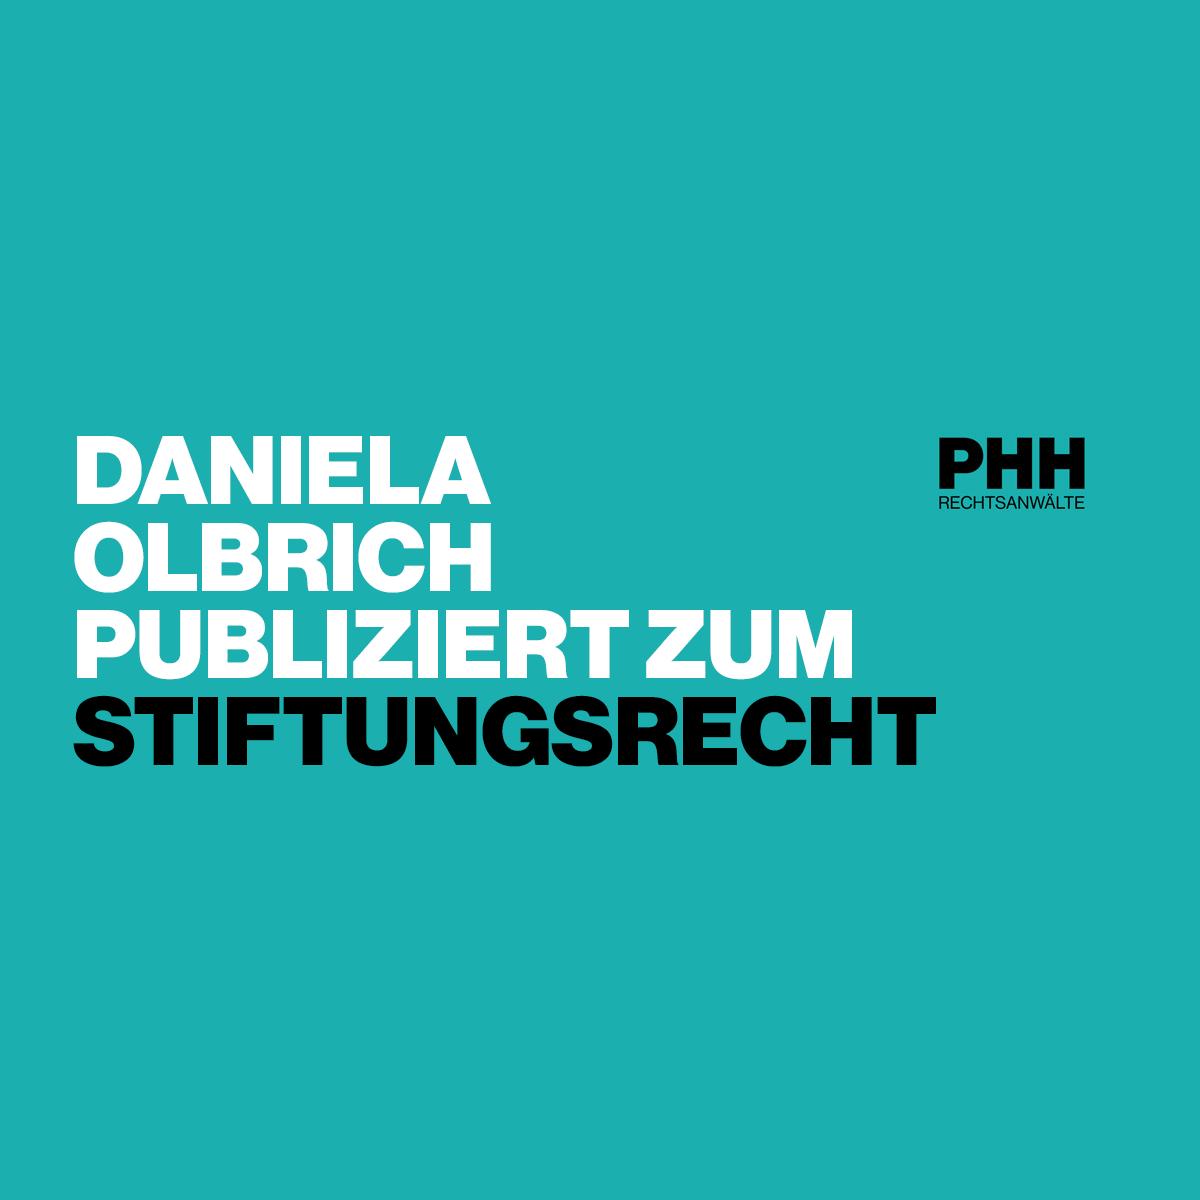 Daniela Olbrich publiziert zum Stiftungsrecht